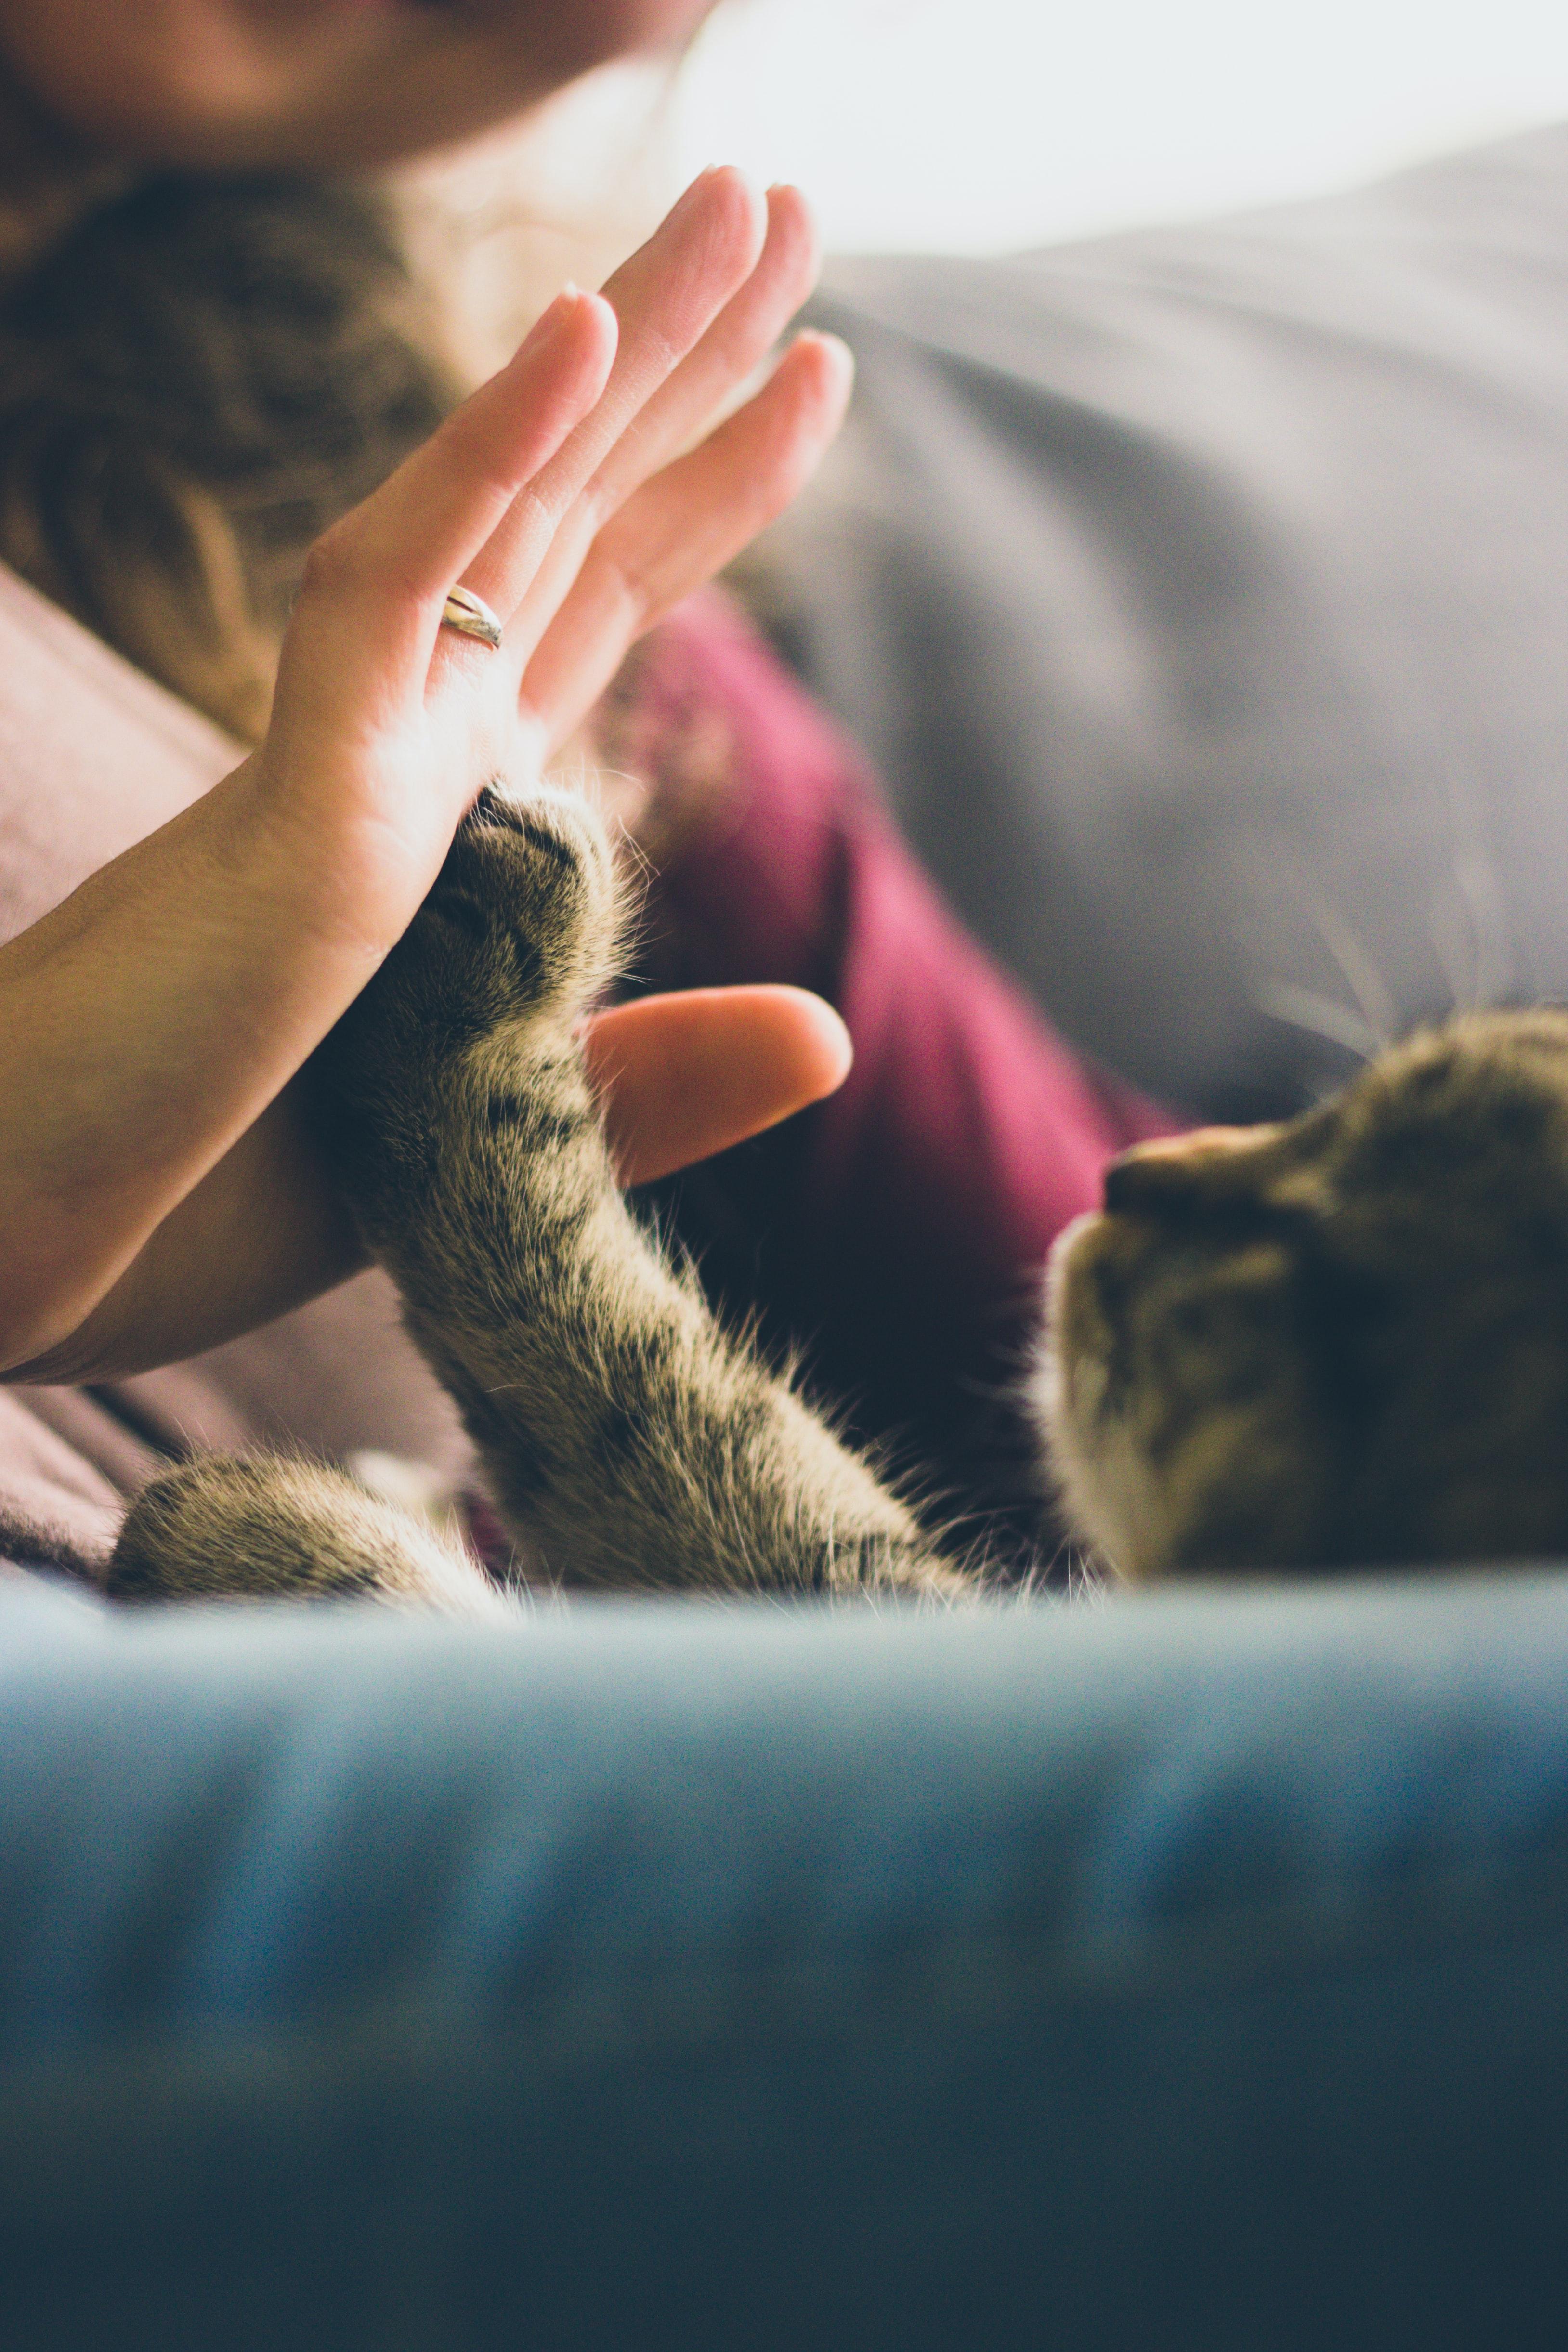 Kot podający łapę człowiekowi